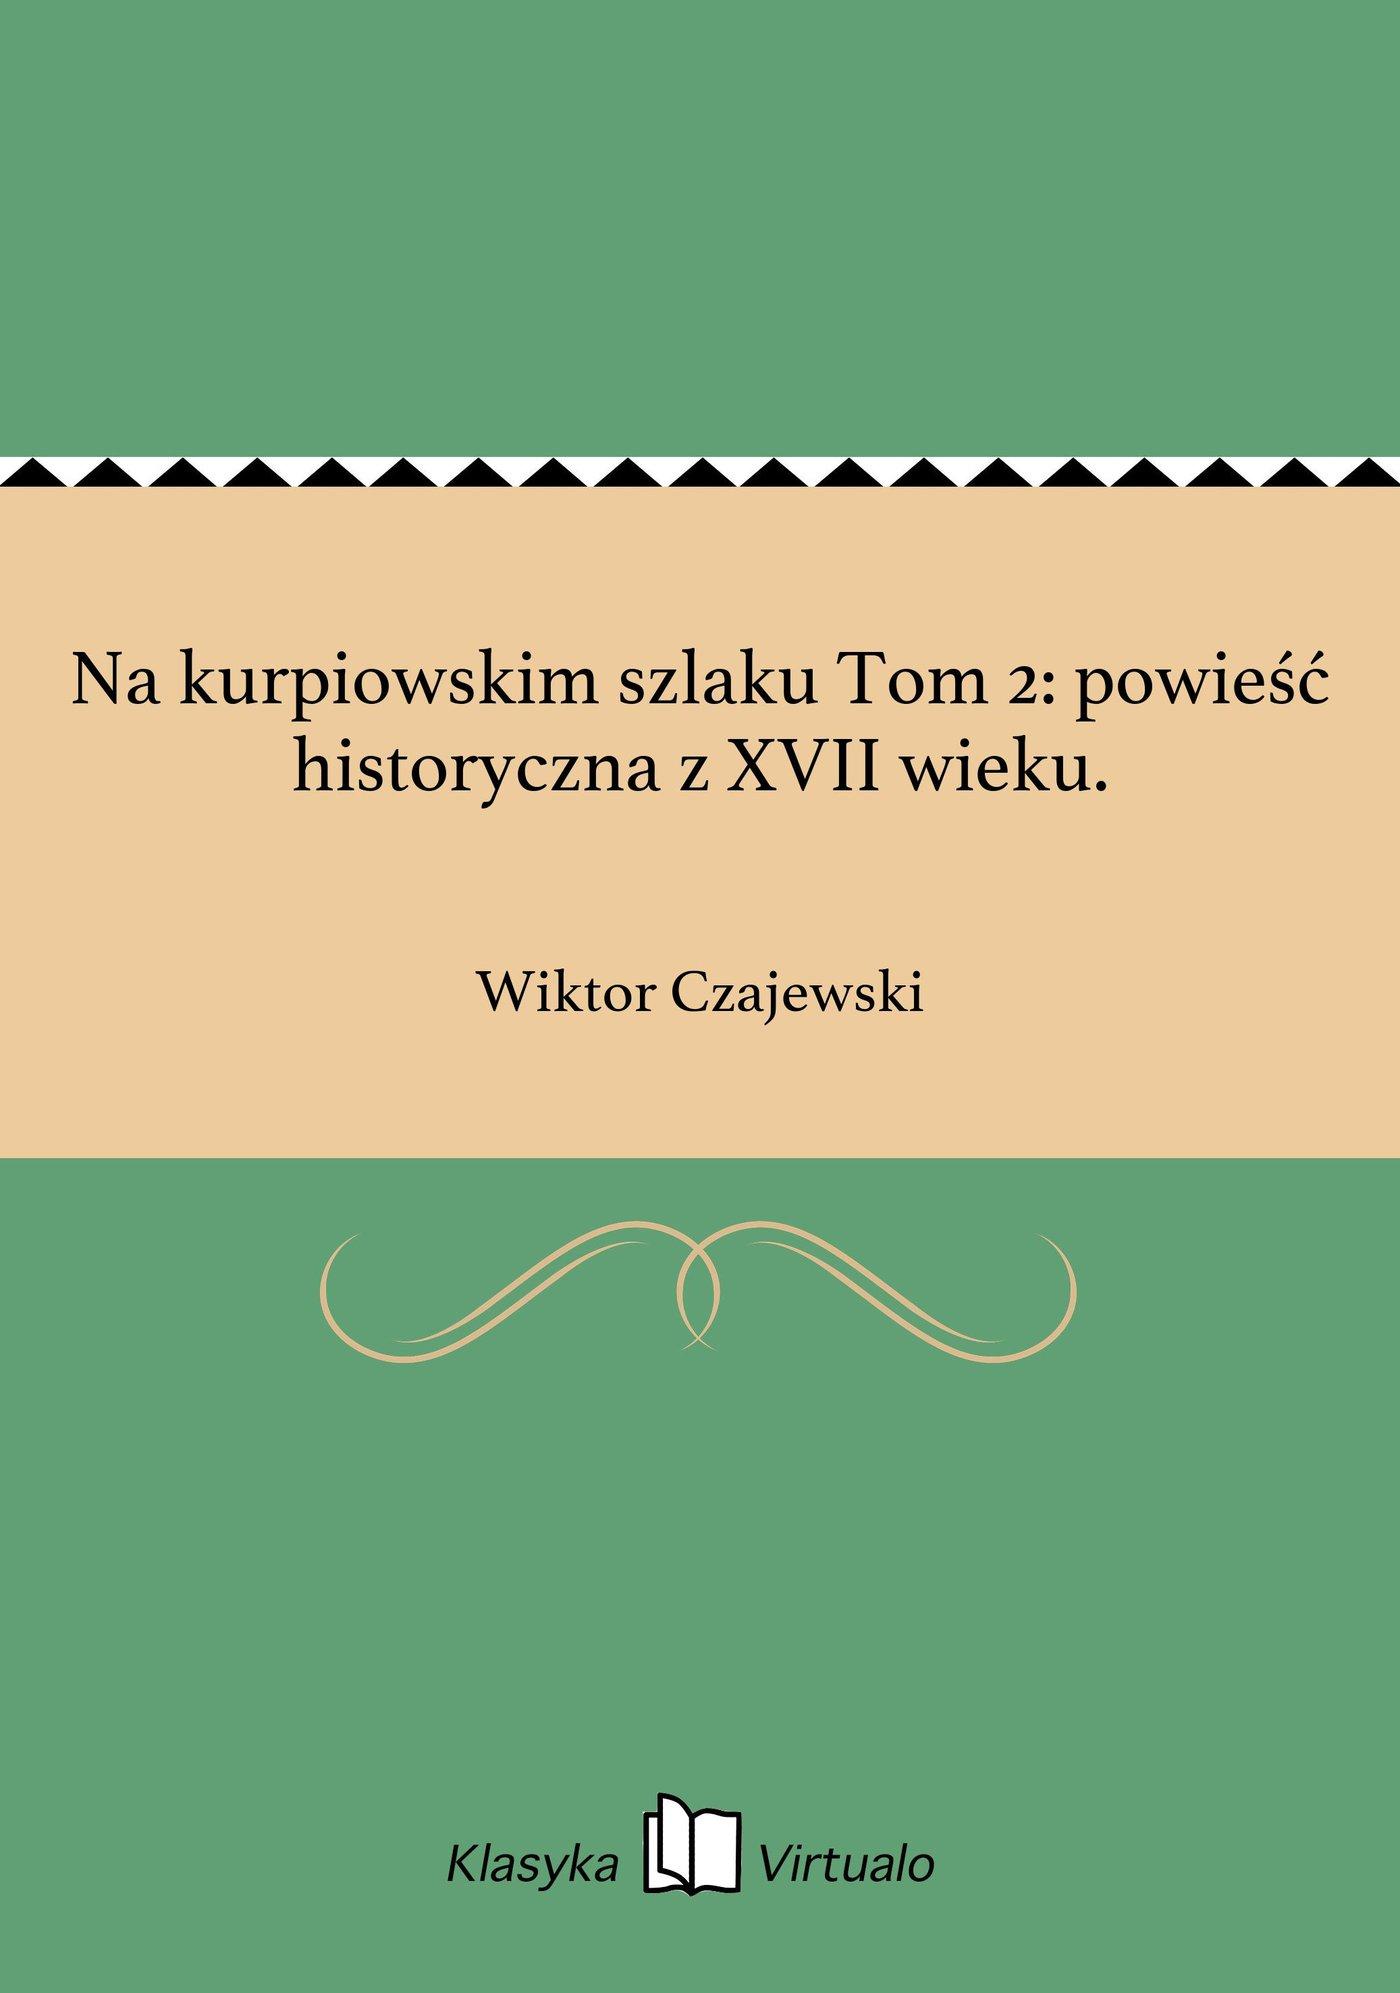 Na kurpiowskim szlaku Tom 2: powieść historyczna z XVII wieku. - Ebook (Książka na Kindle) do pobrania w formacie MOBI